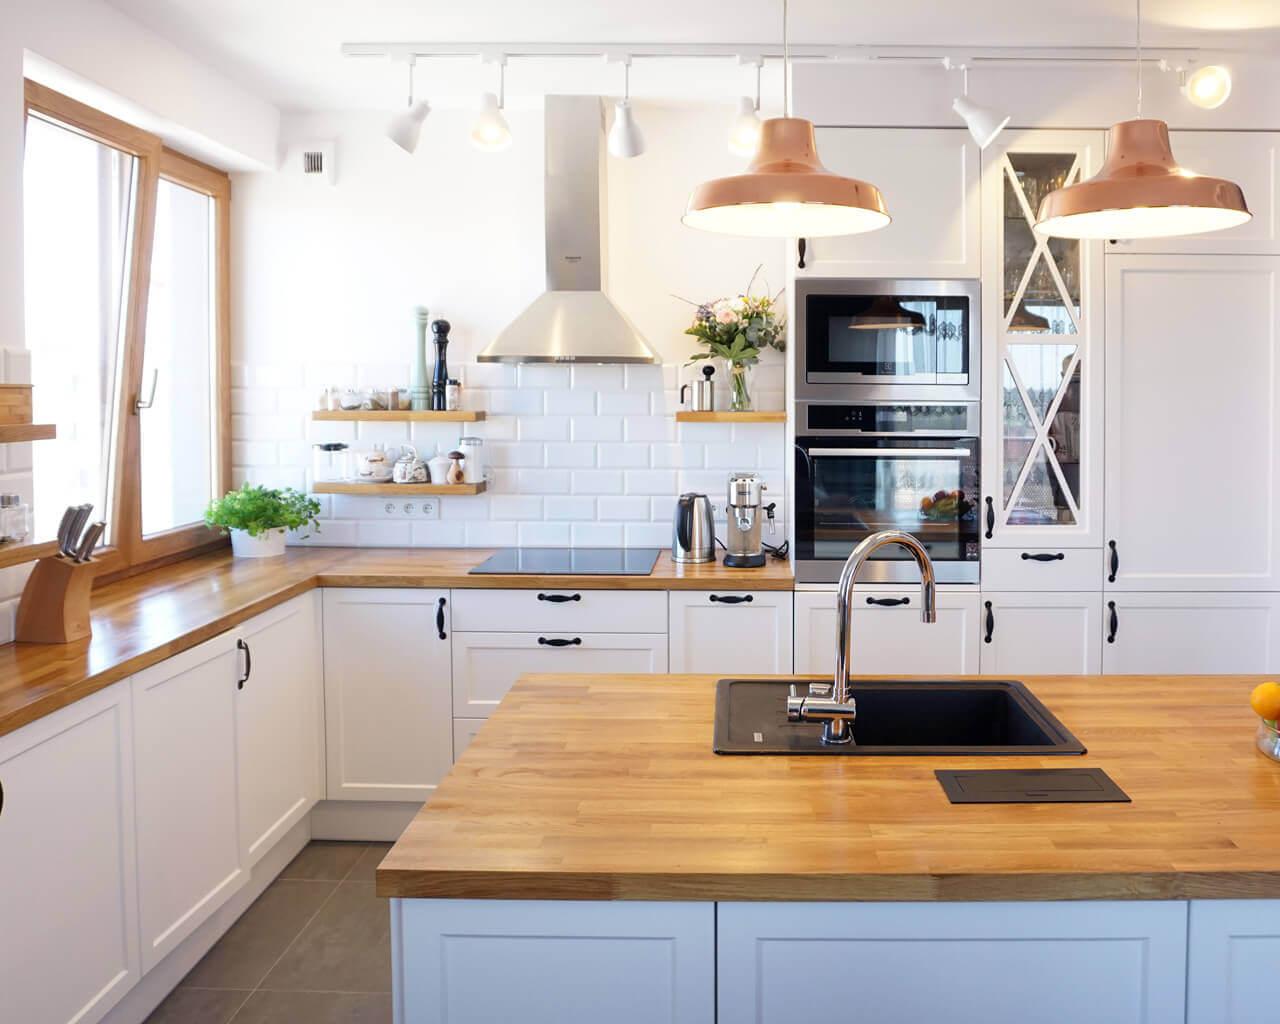 Kitchen Island 7 Inspiring Arrangements